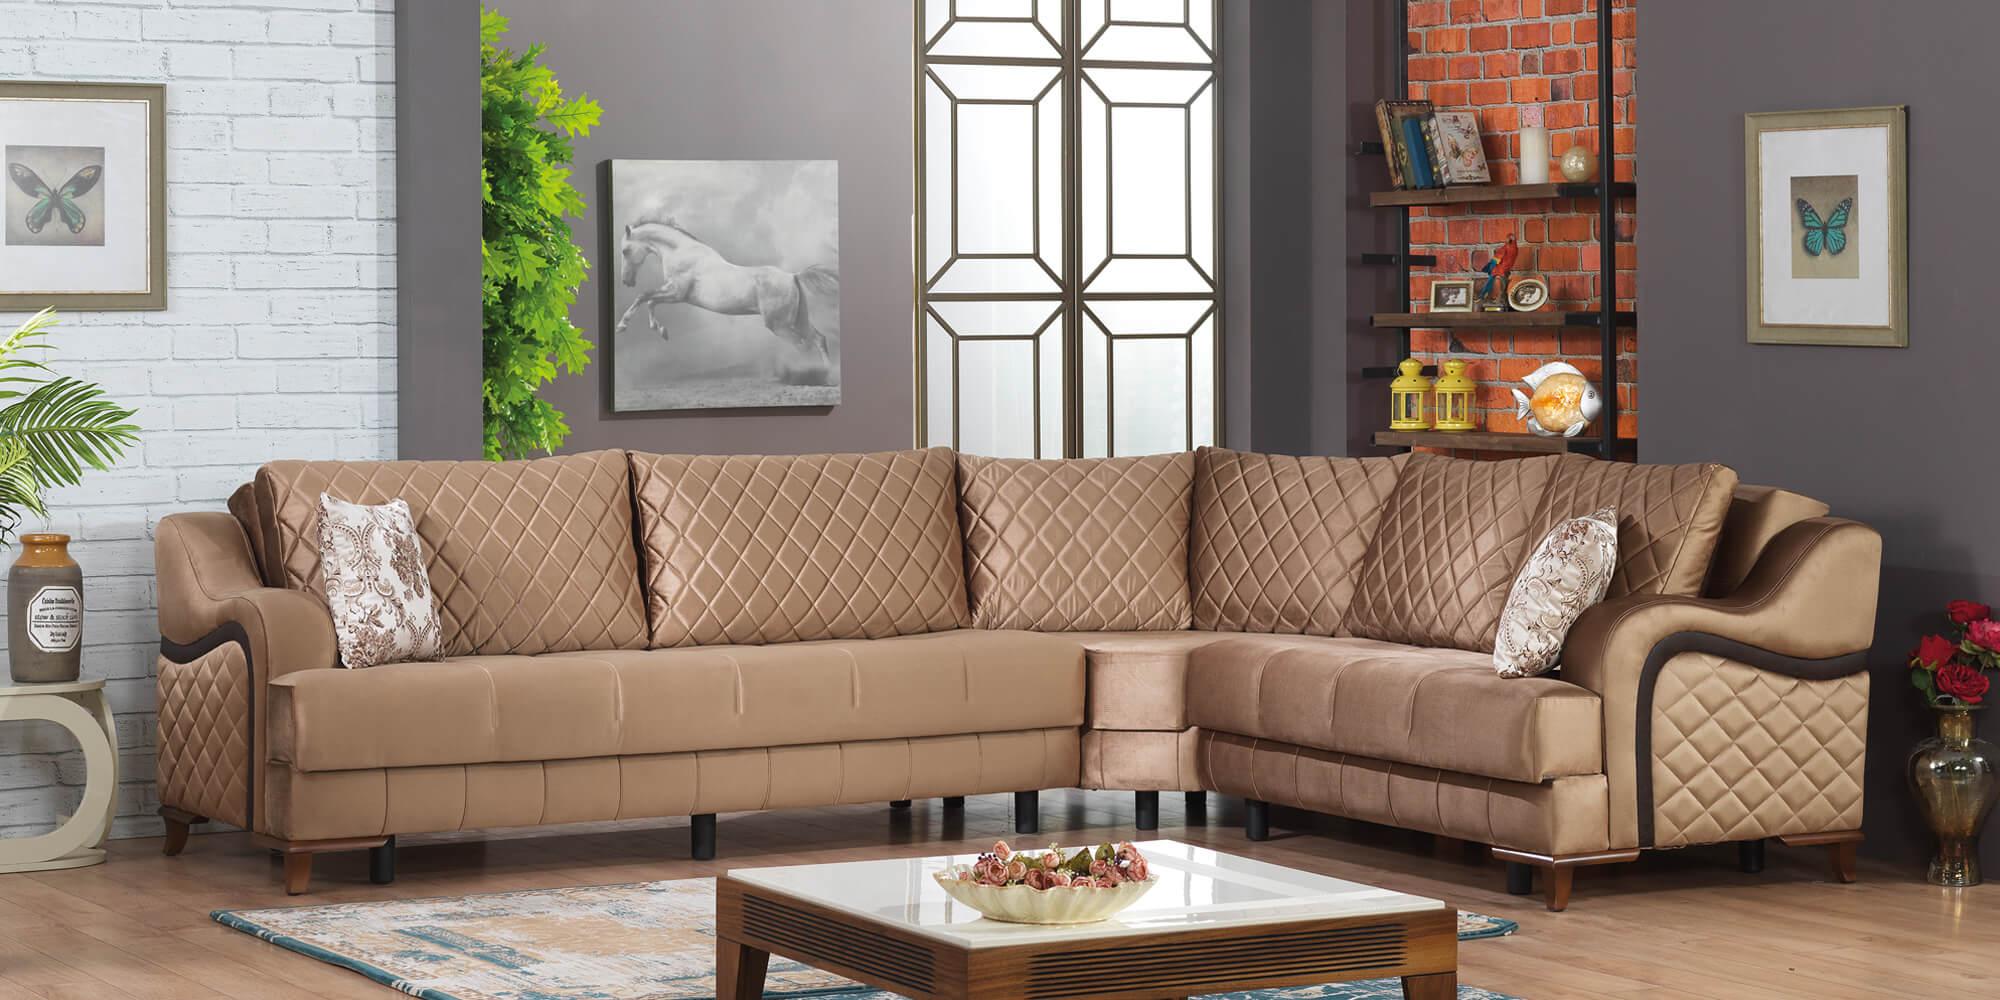 ven s sitzecke yuvam m belhaus in wuppertal cilek offizieller h ndler in europa. Black Bedroom Furniture Sets. Home Design Ideas